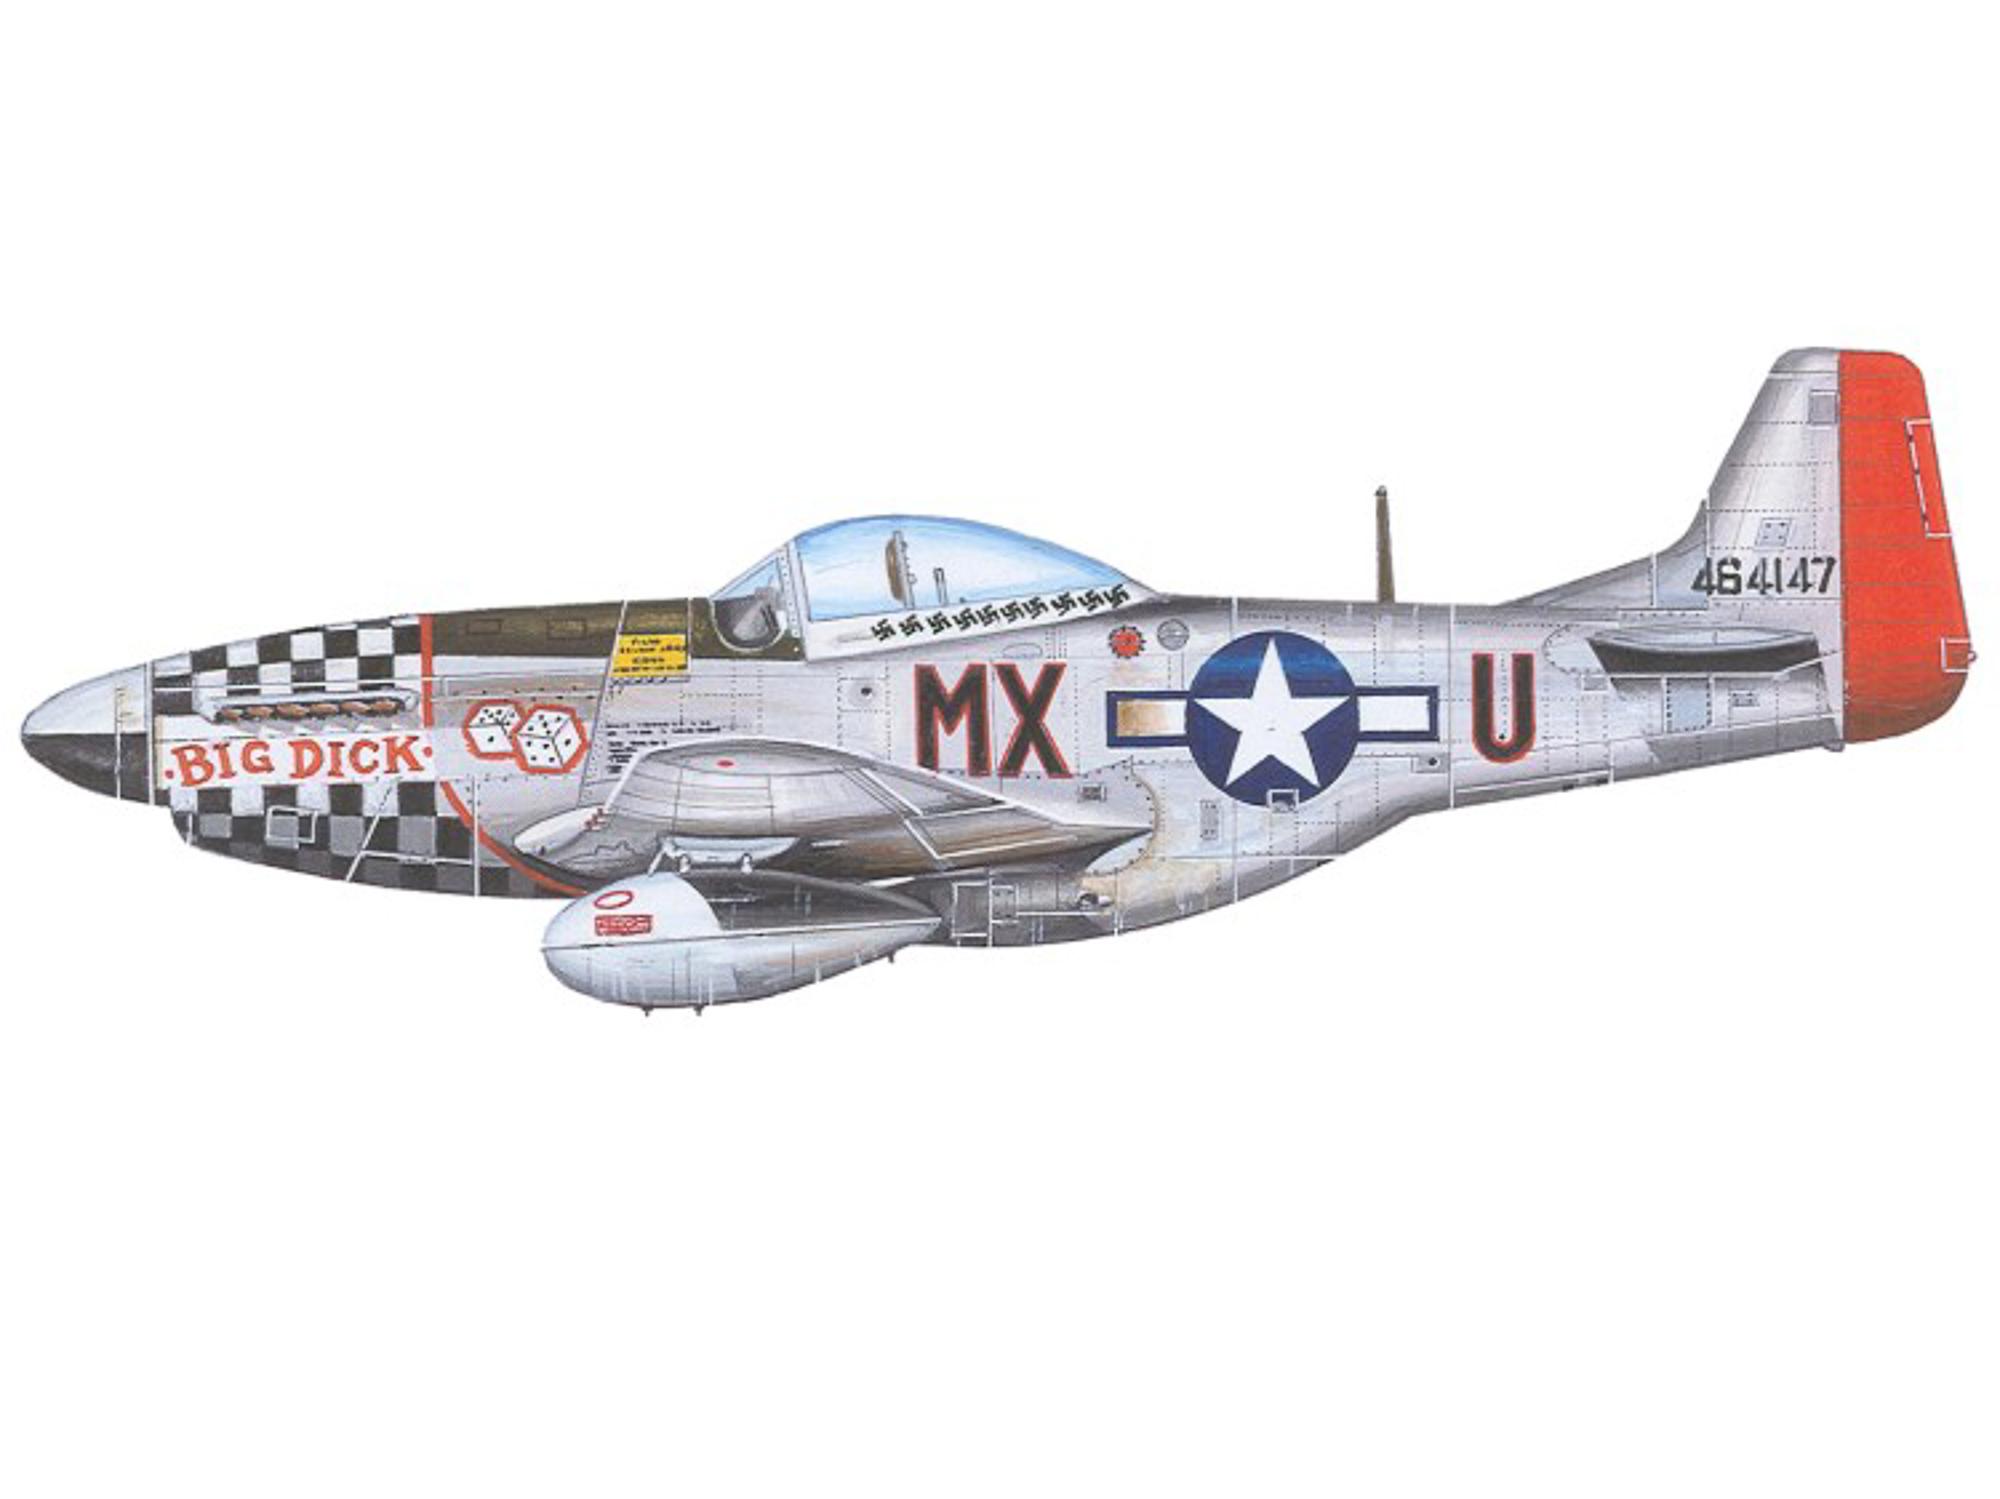 P-51D – Big Dick – 44-64147